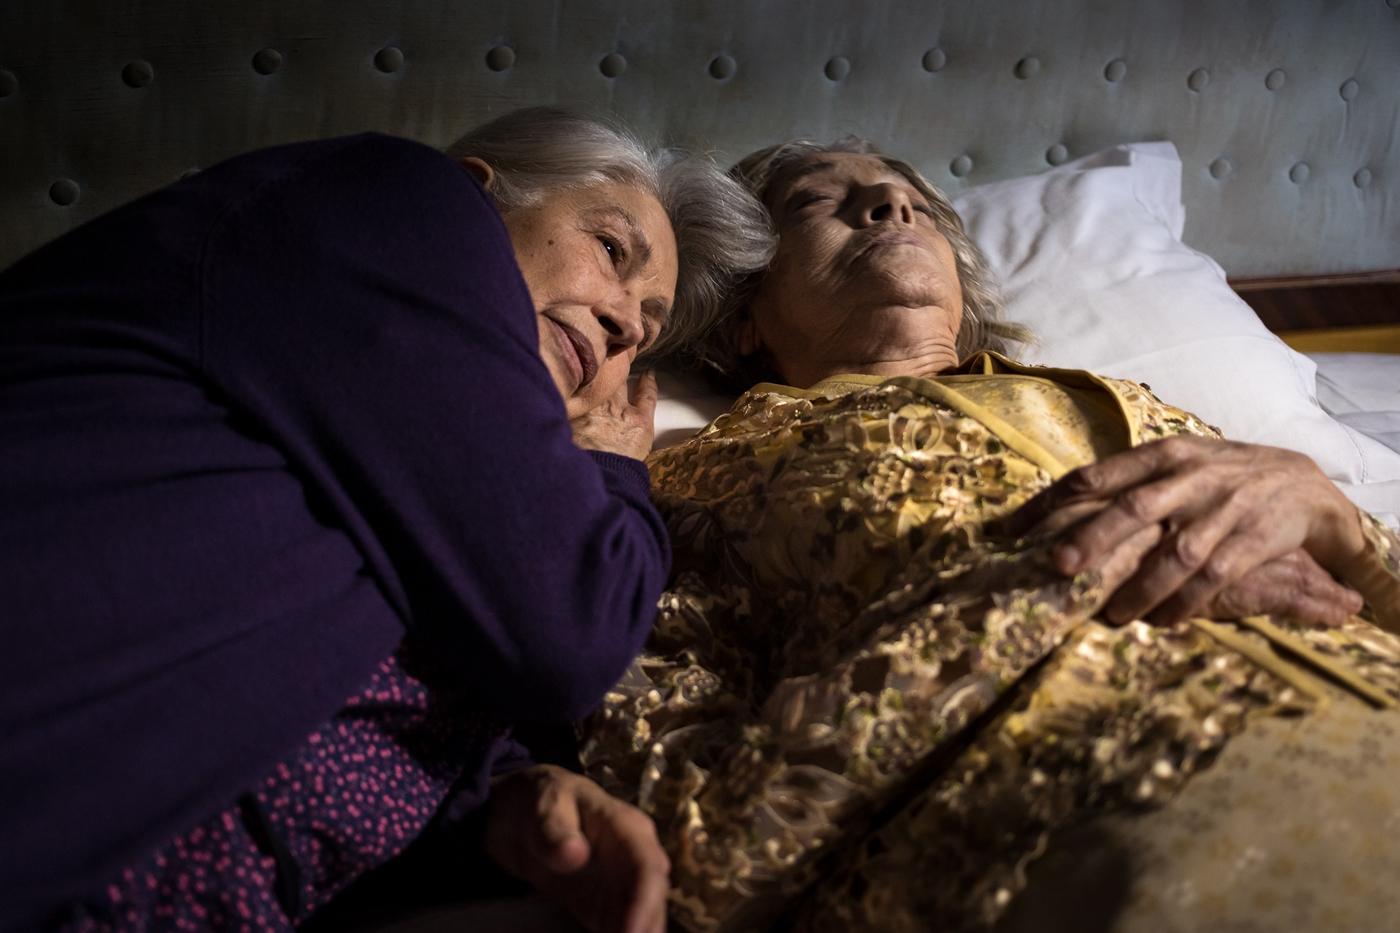 Le sorelle Macaluso, di Emma Dante, 2020 Pinuccia veglia sulla salma di Lia